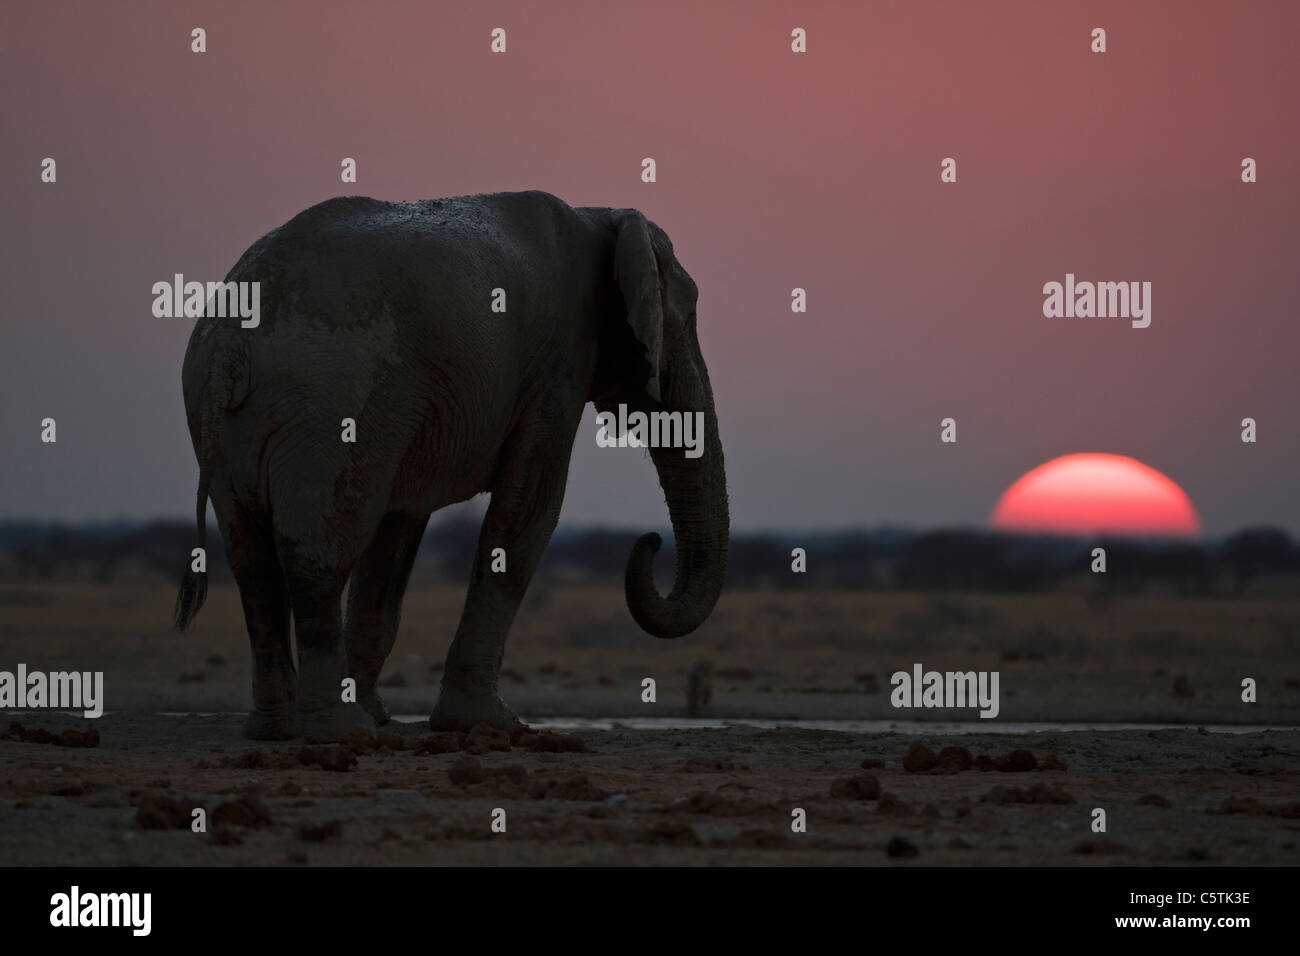 Africa, Botswana, African elephant (Loxodonta africana) at sunset Stock Photo